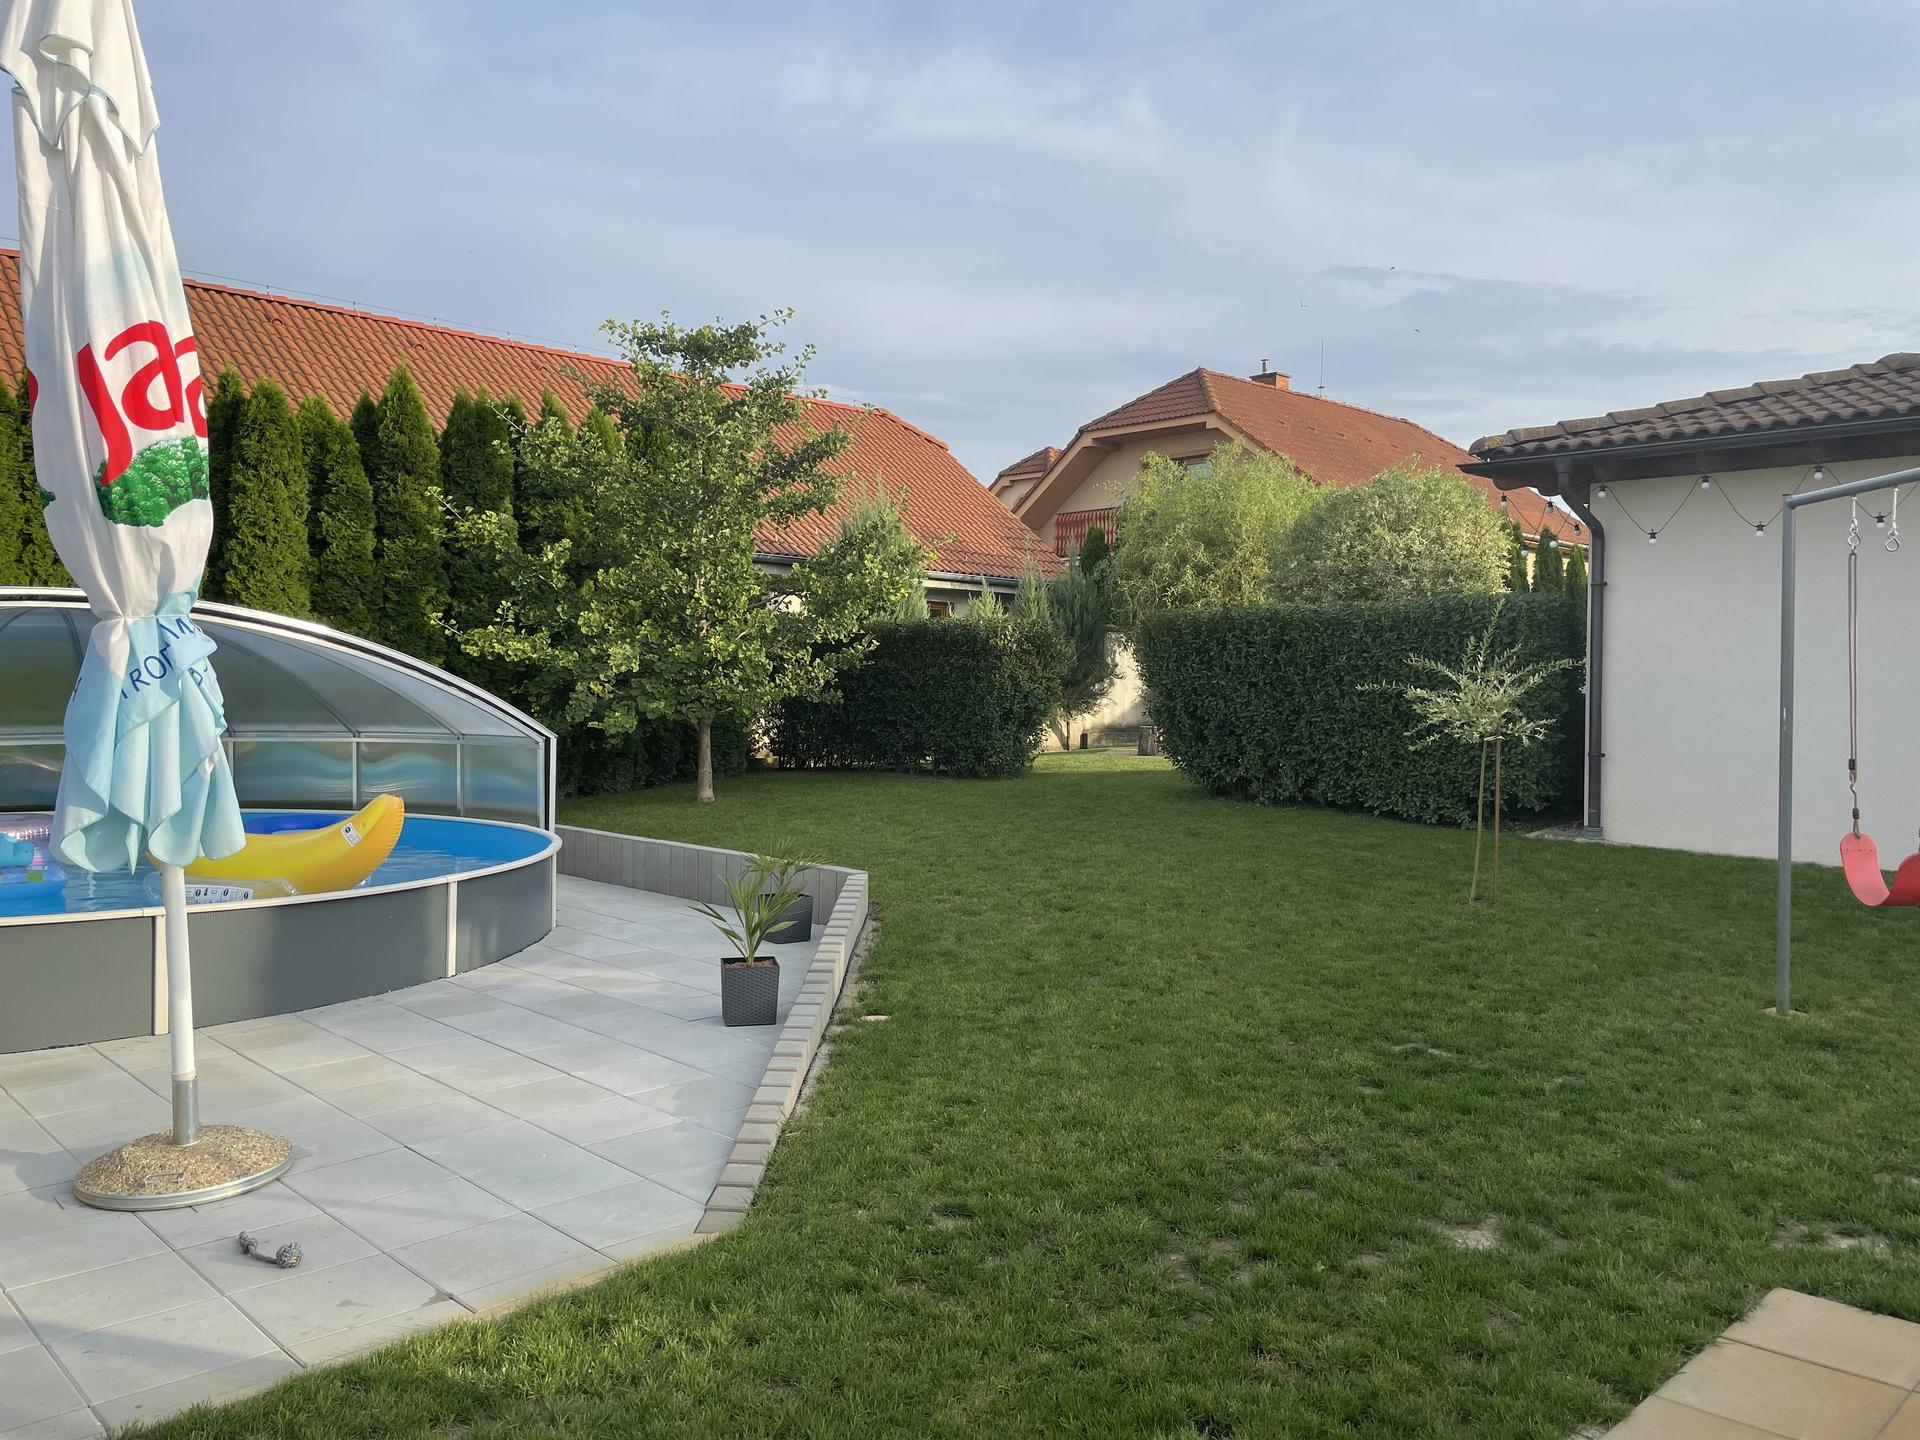 Relax v záhrade 2021 - Obrázok č. 5